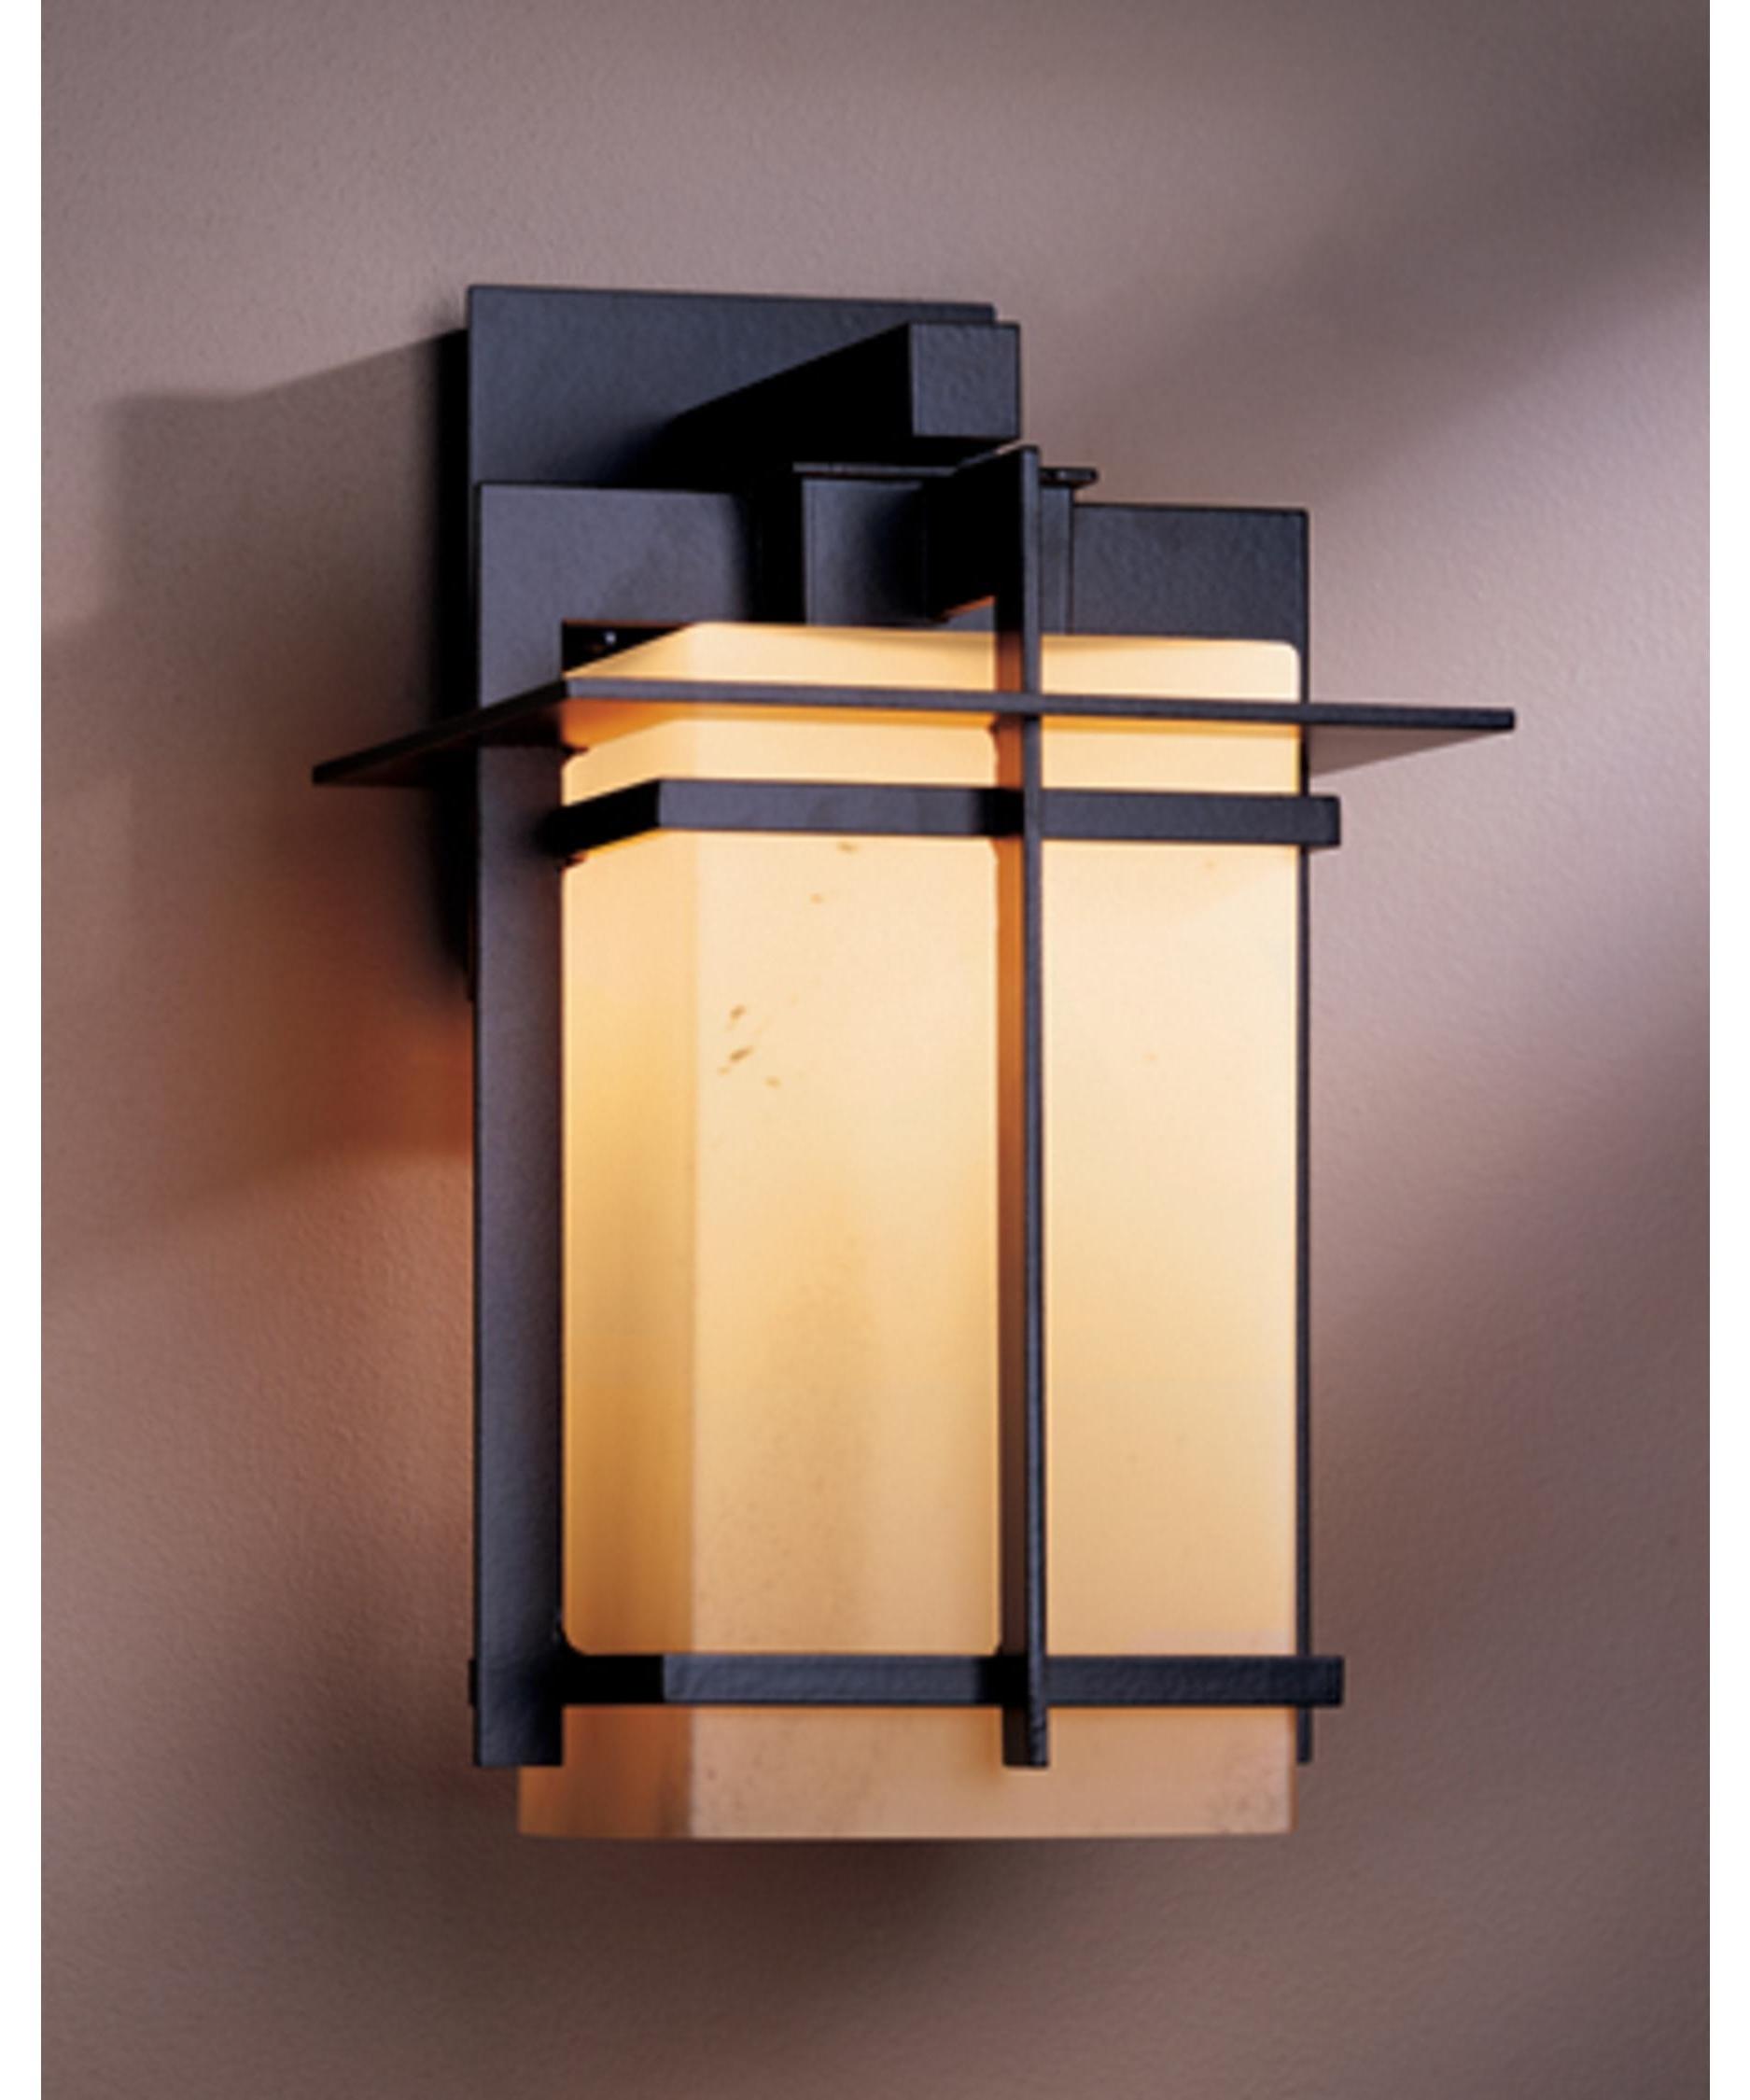 Modern Patio Outdoor Light Fixtures Regarding Most Up To Date Lighting: Outdoor Light Fixtures Black Outdoor Light Fixture Porch (View 18 of 20)